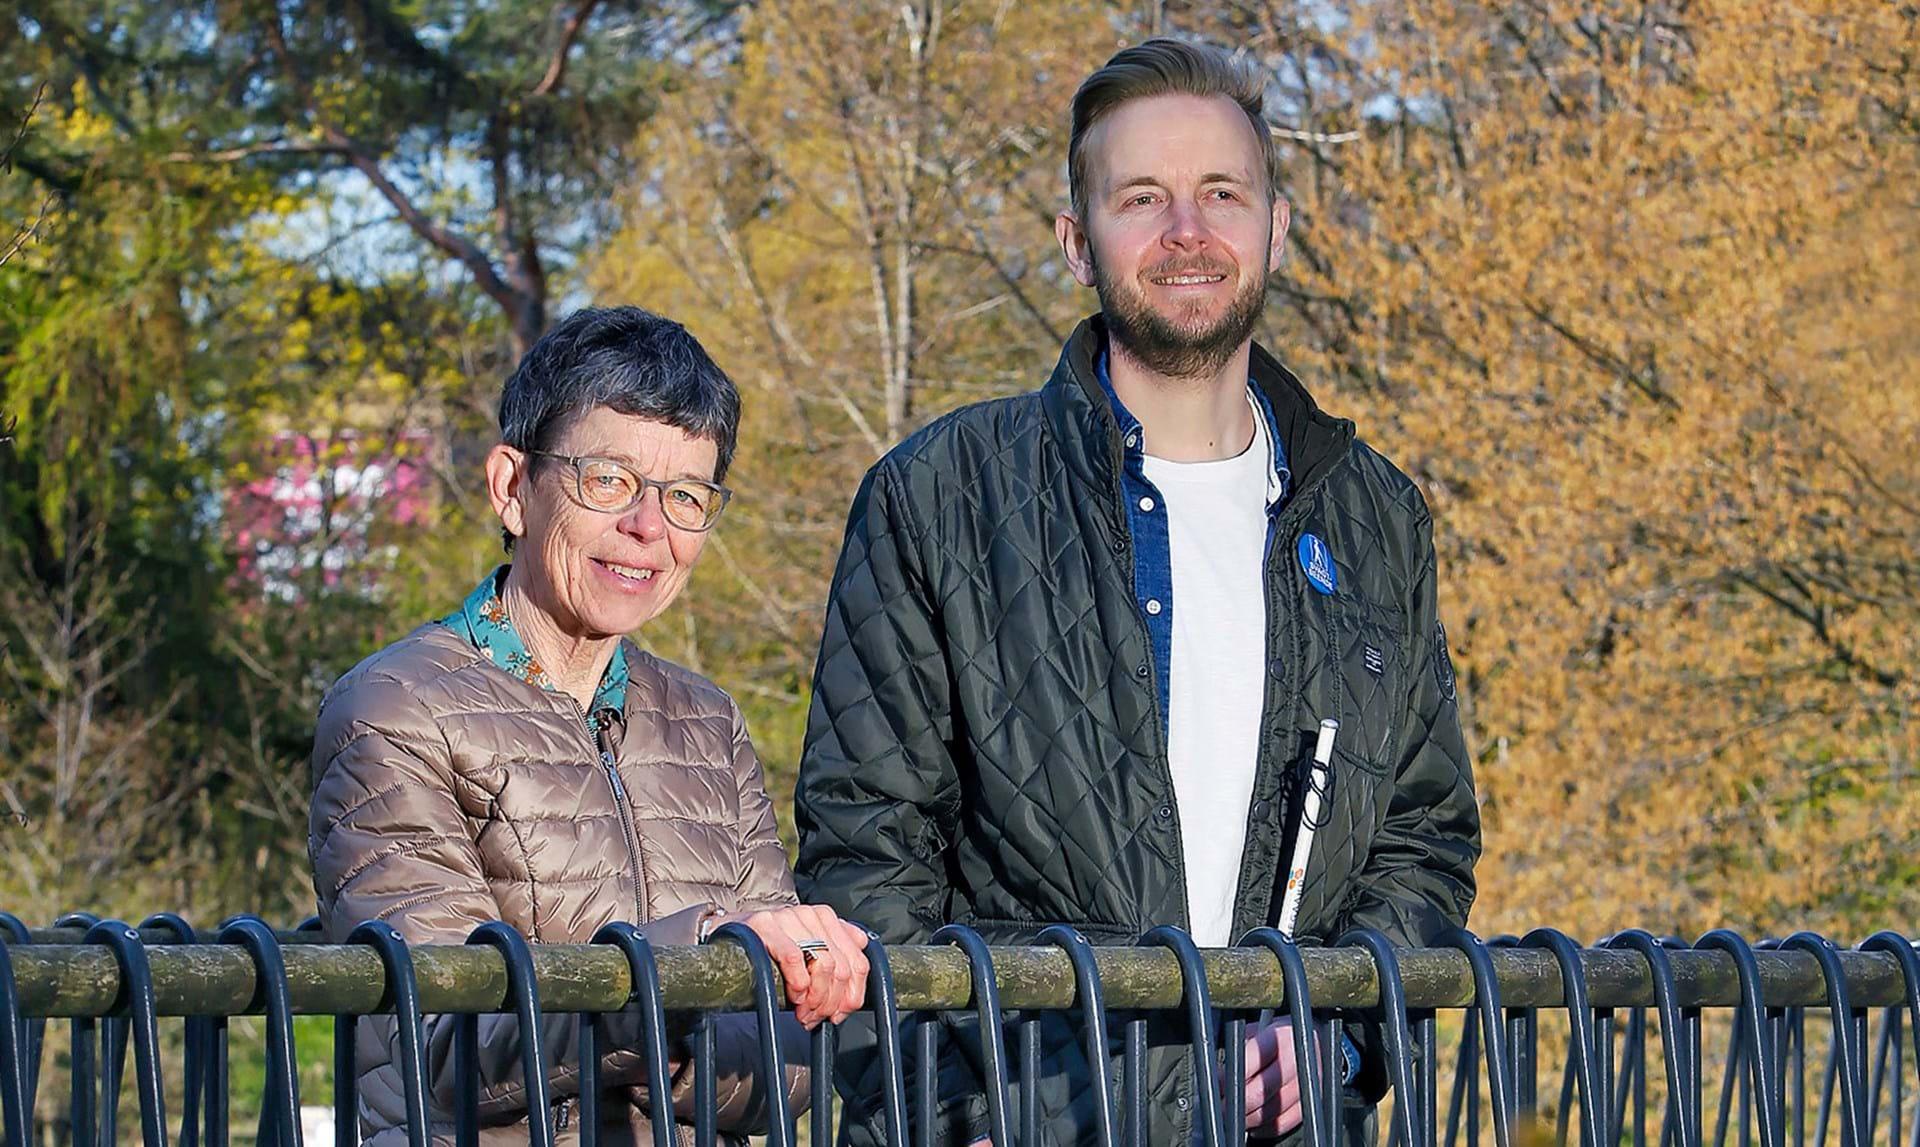 Da Kristian blev blind, udviklede han en app, der bekæmper ensomhed